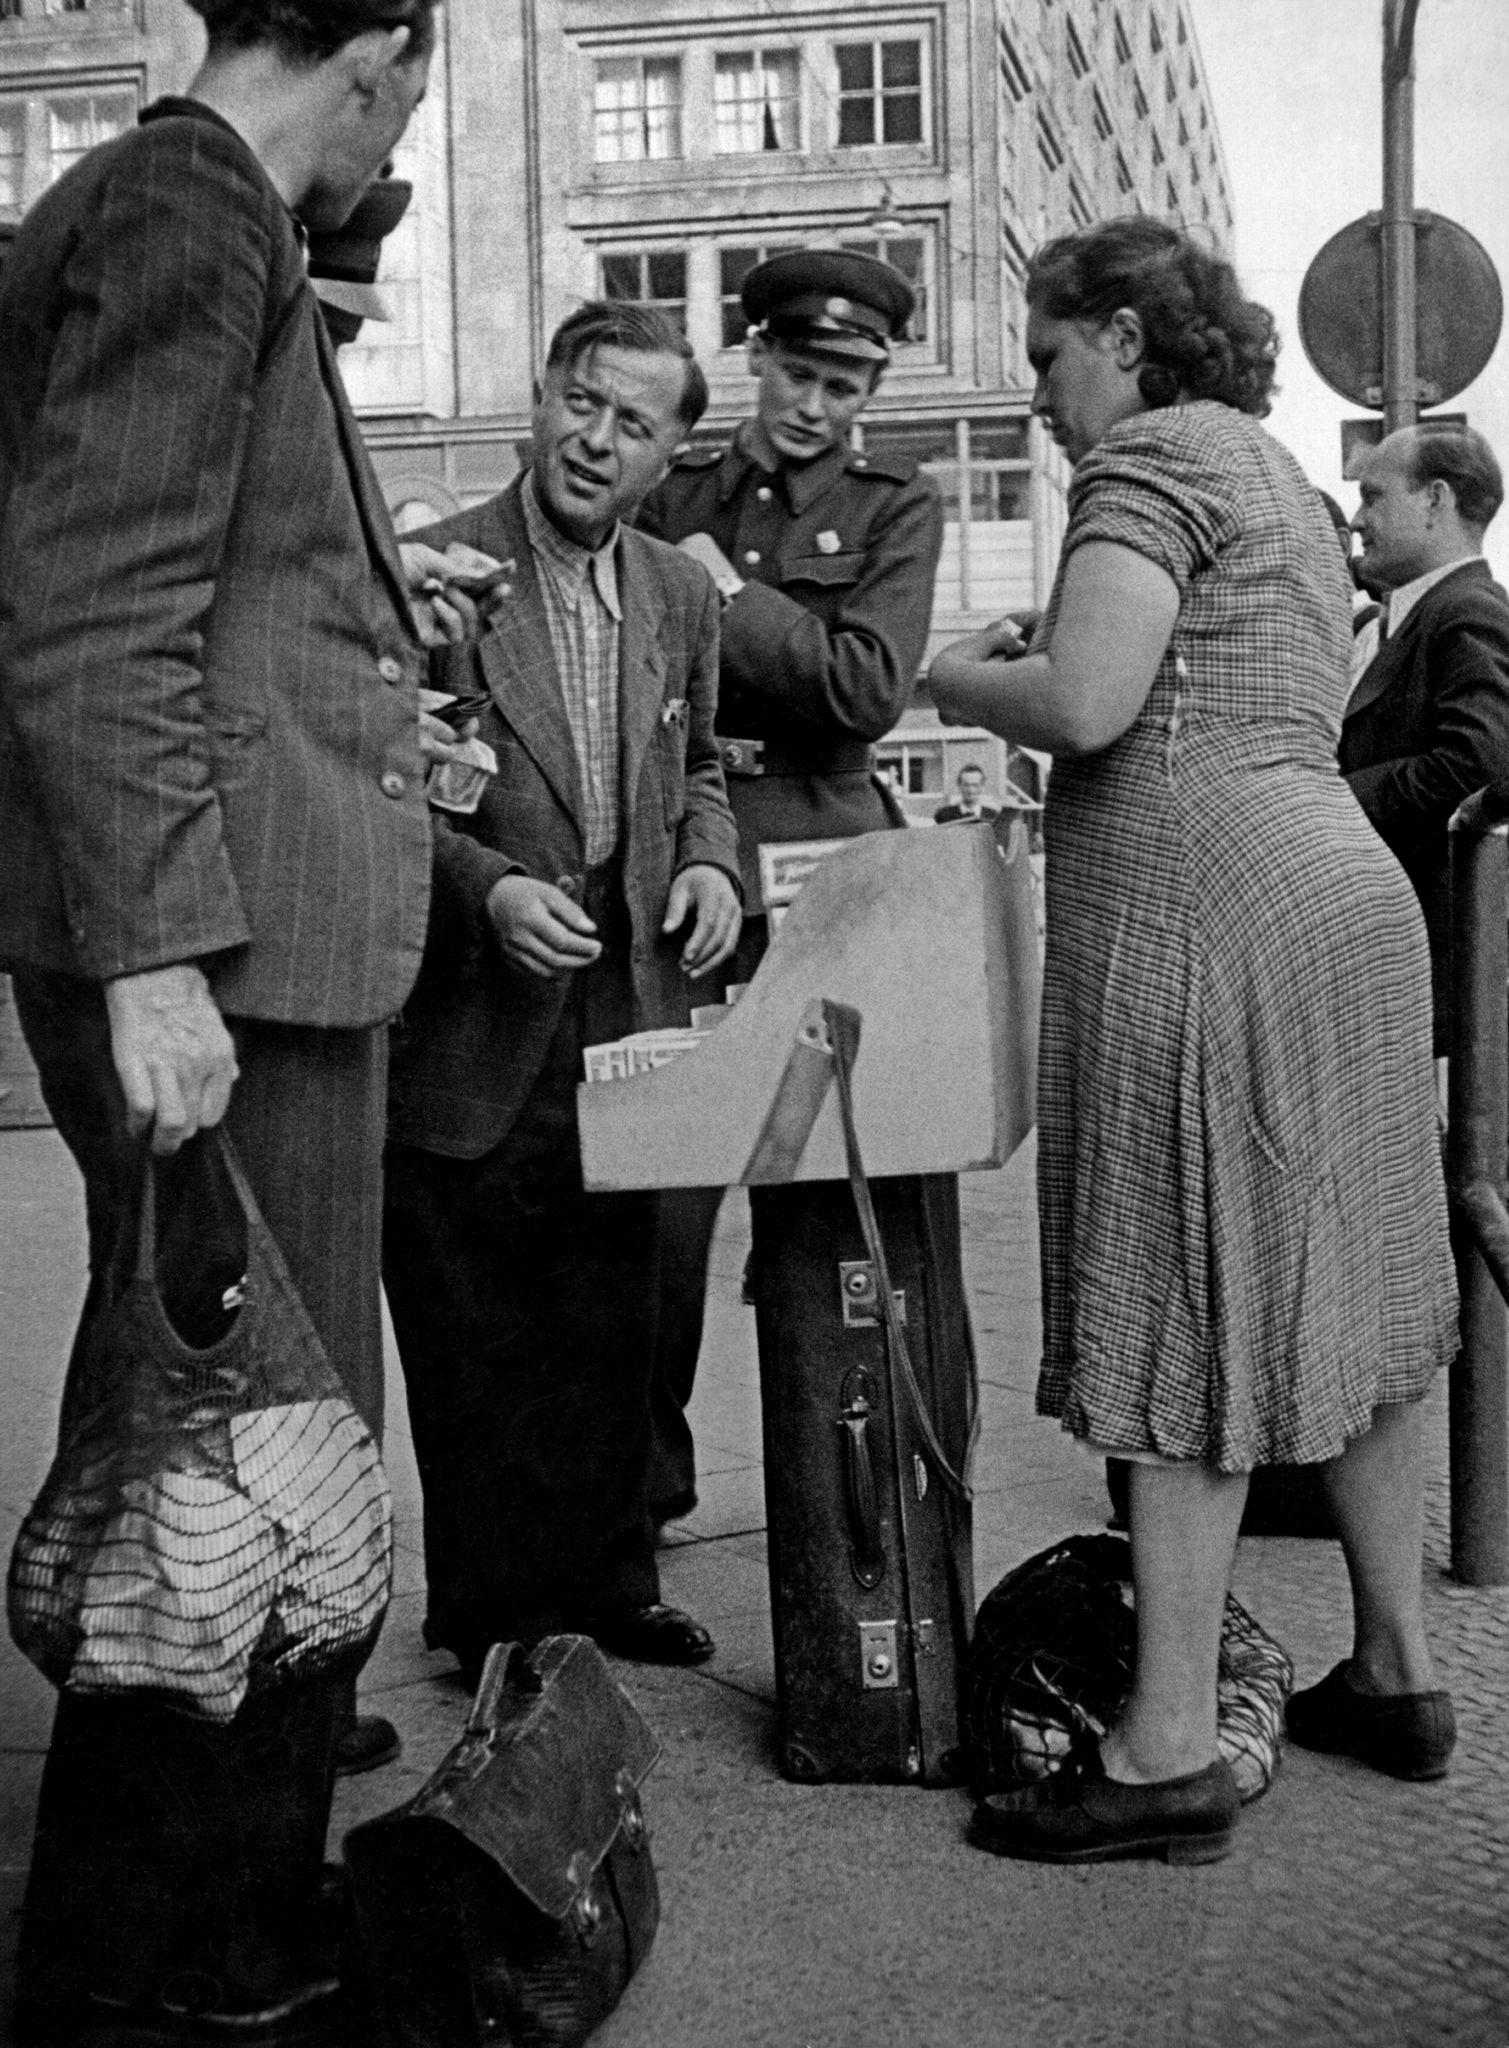 1953. Немцы покупают сигареты у уличного торговца